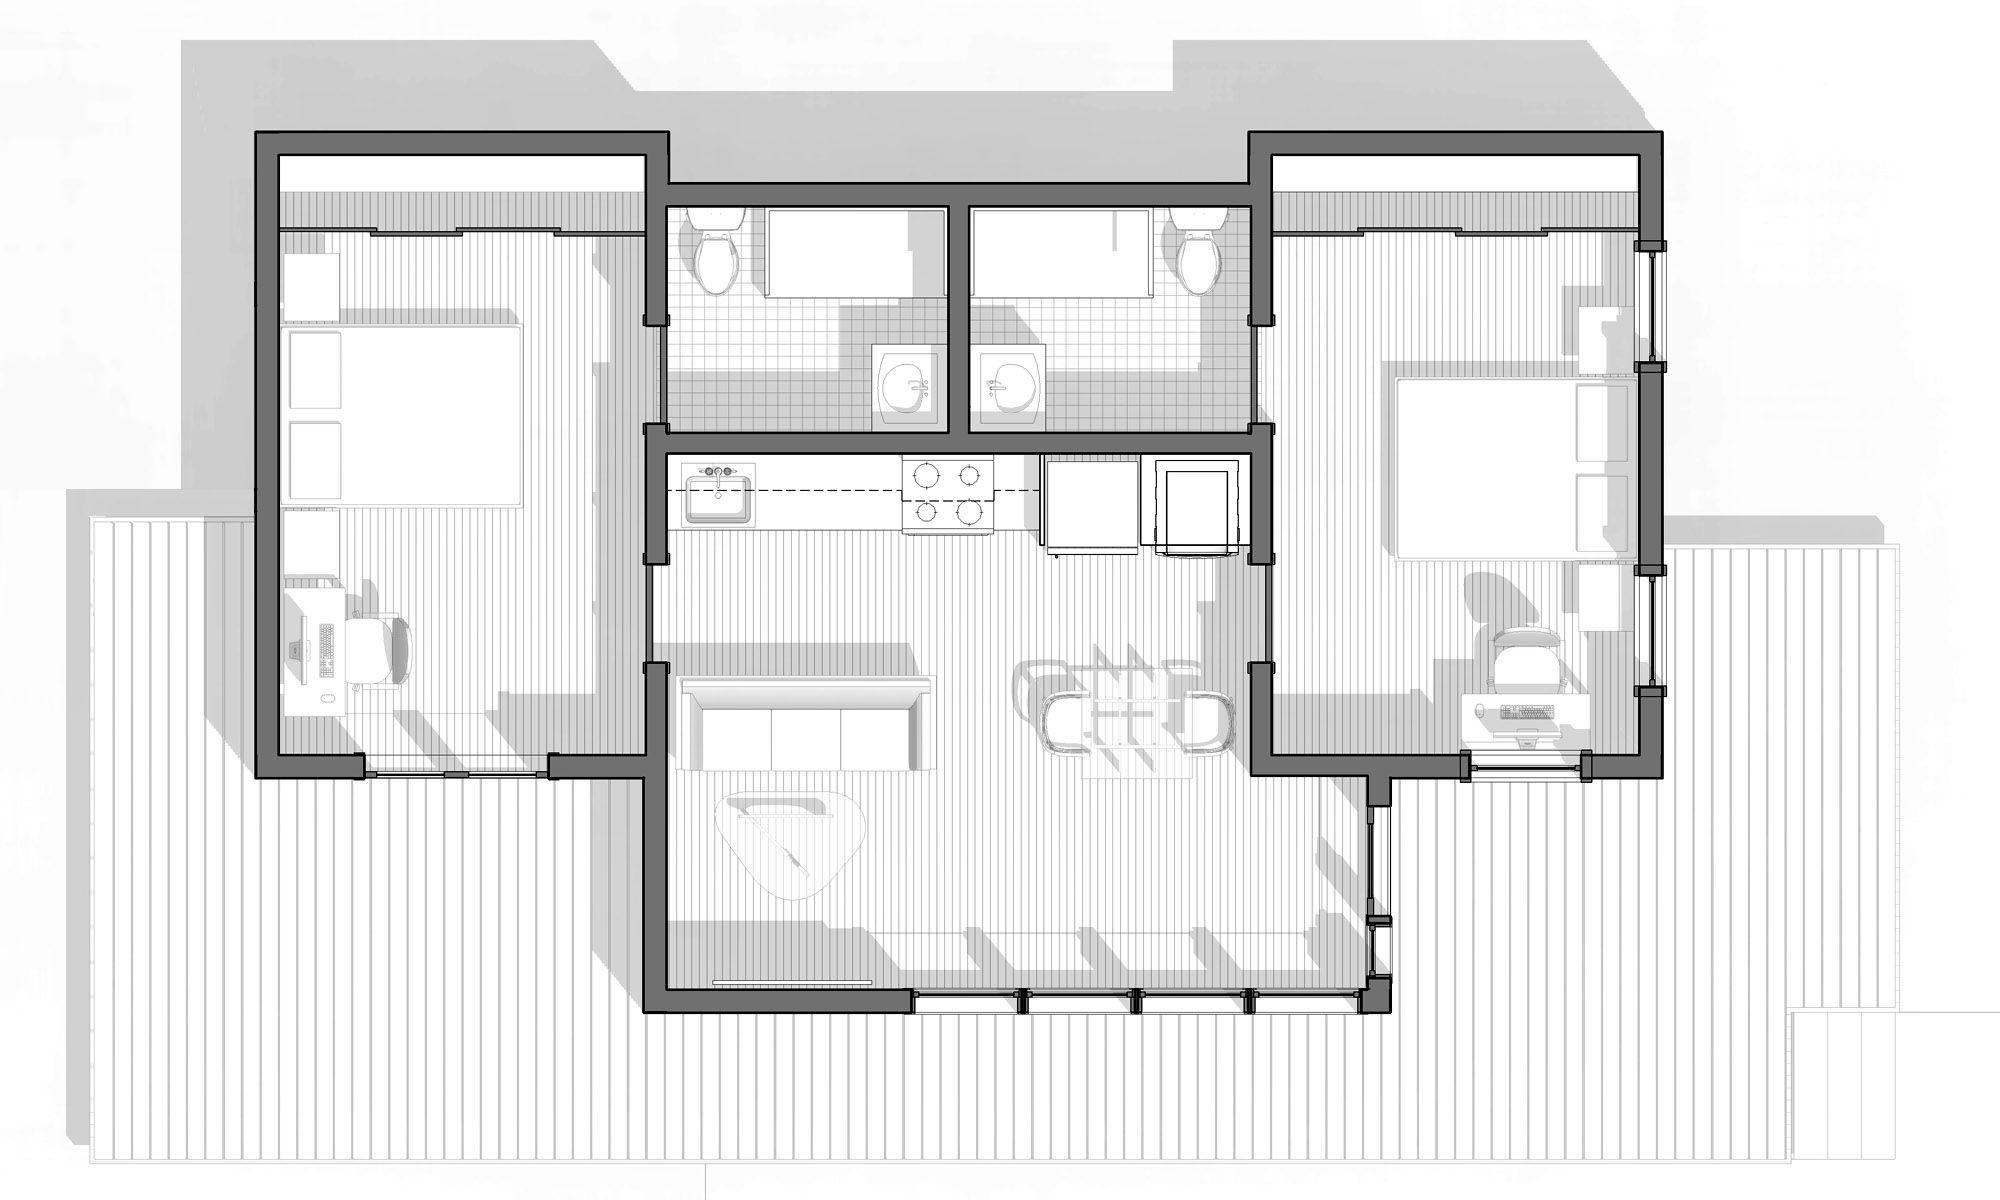 Portland ADU Accessory Dwelling Unit by Propel Studio